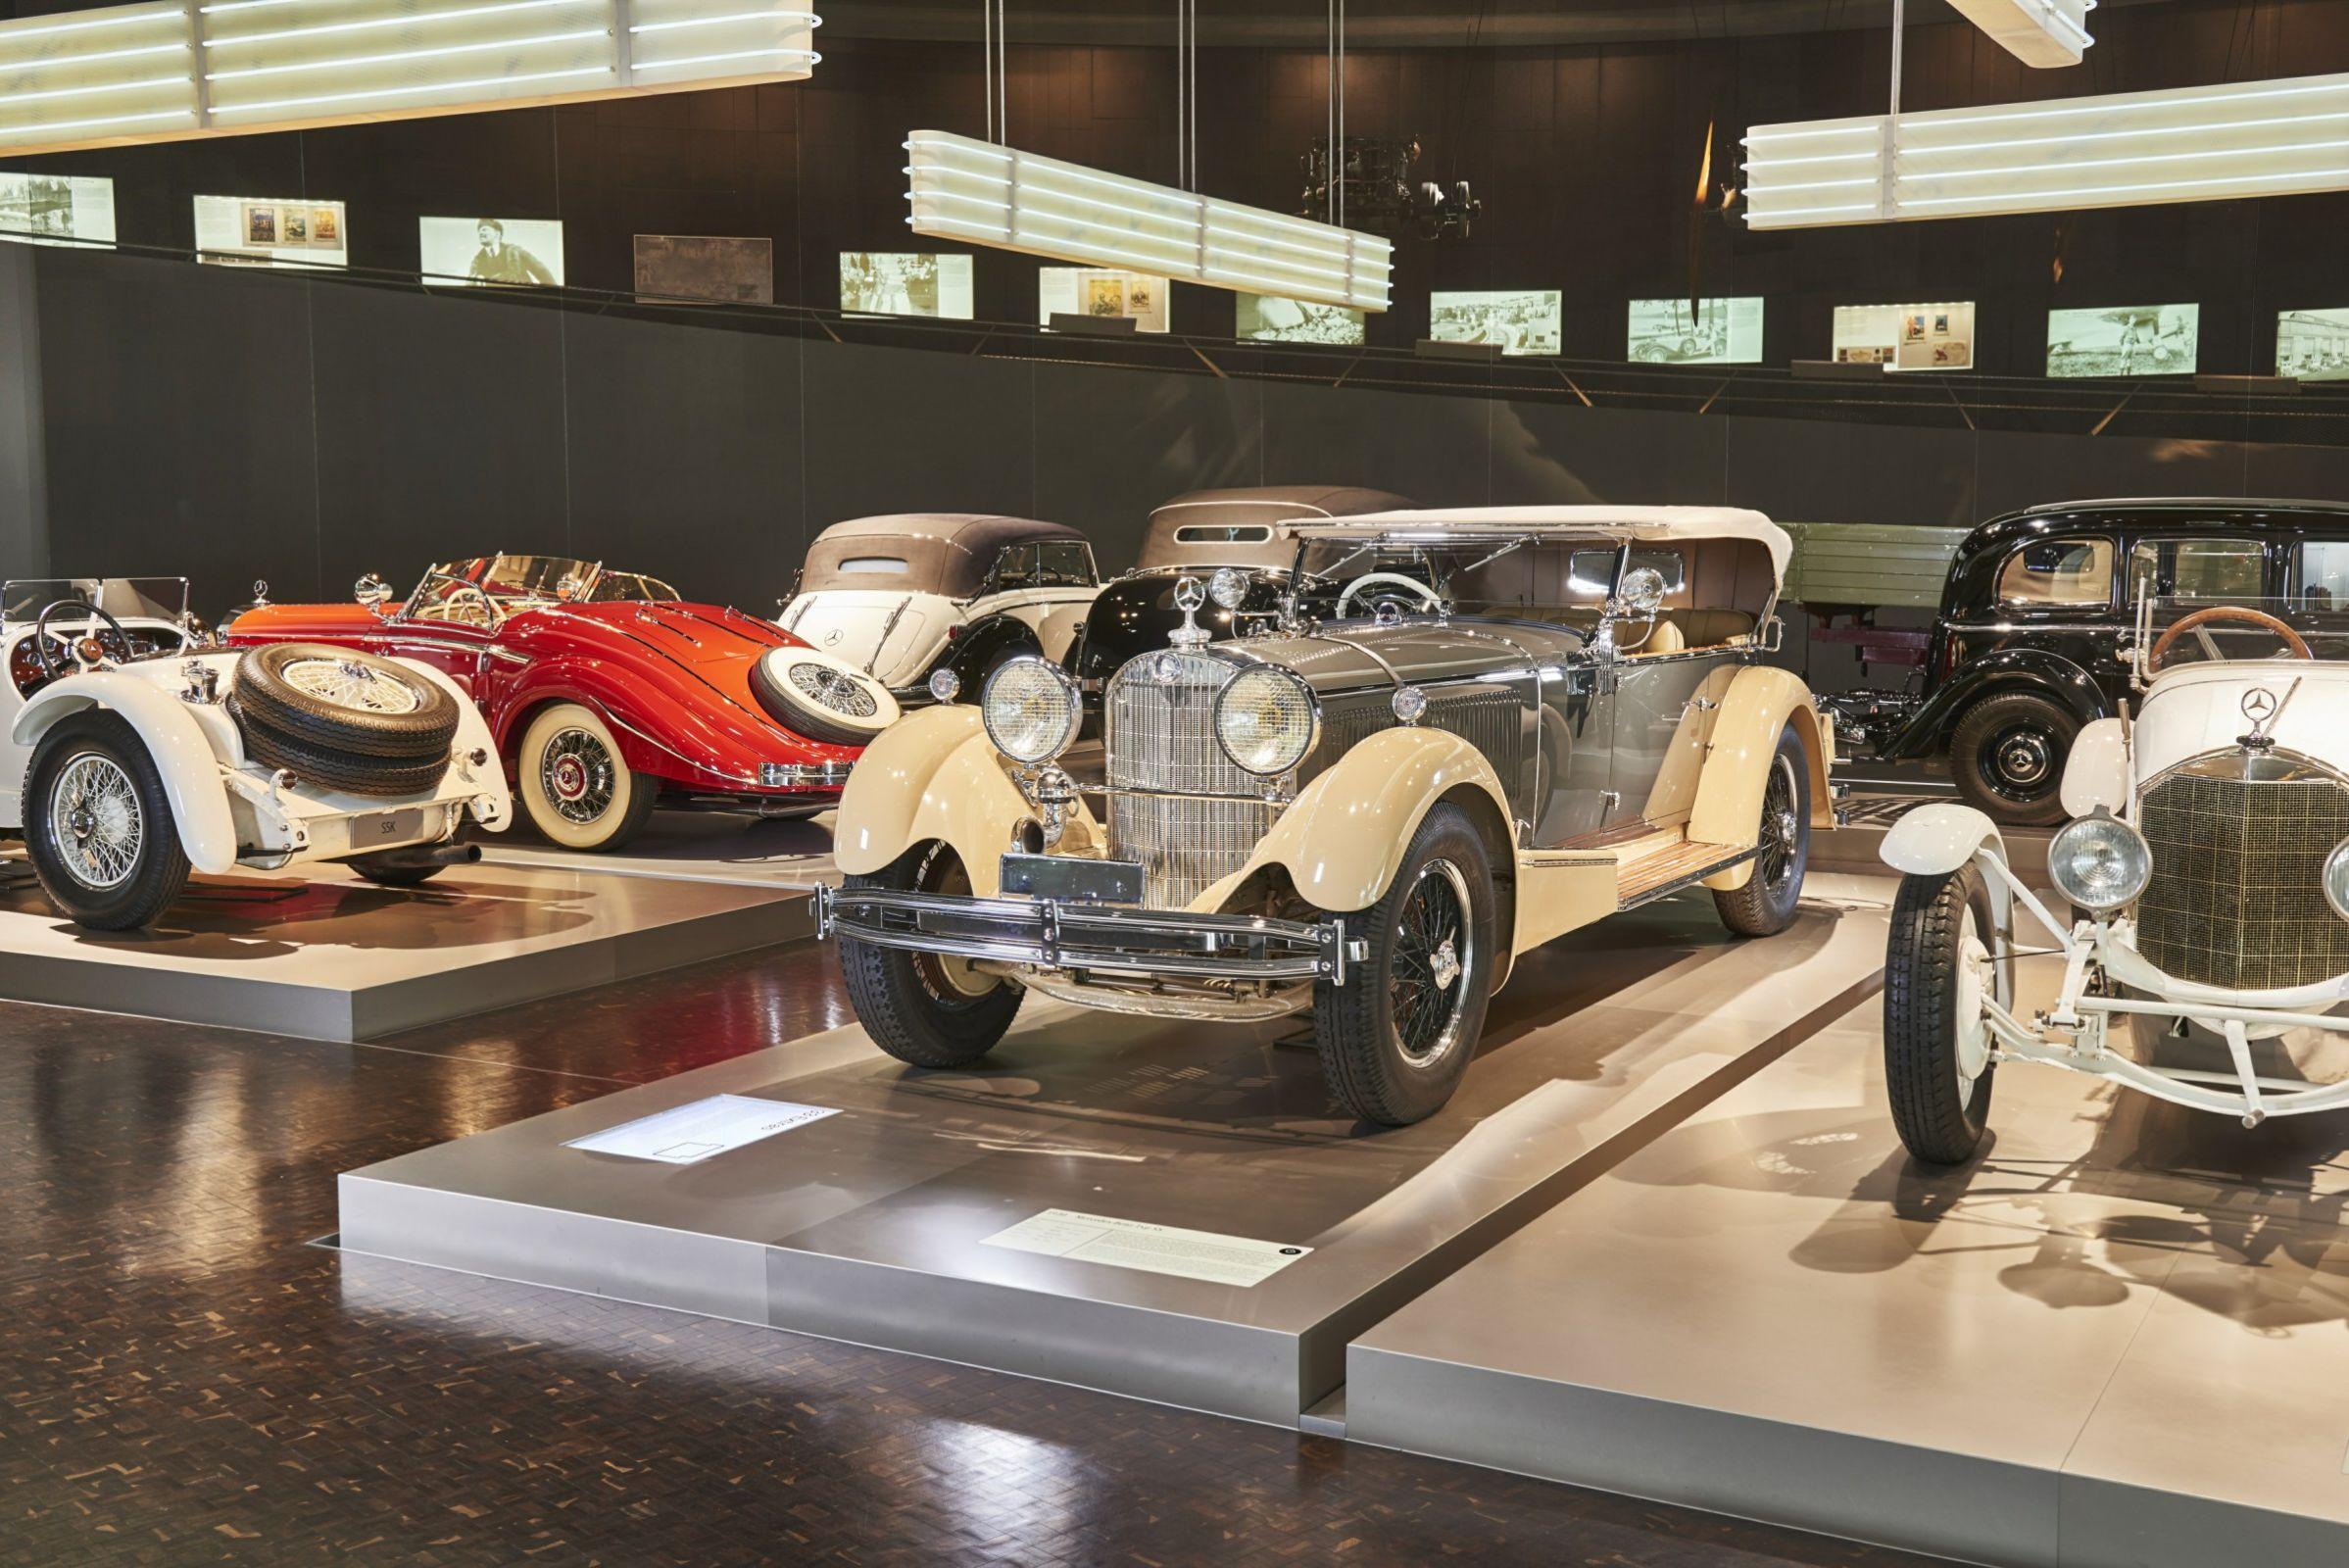 O Museu da Mercedes, na Alemanha, tem 160 veículos que recontam a história do carro desde sua invenção, e ainda tem o maior tornado artificial do mundo.